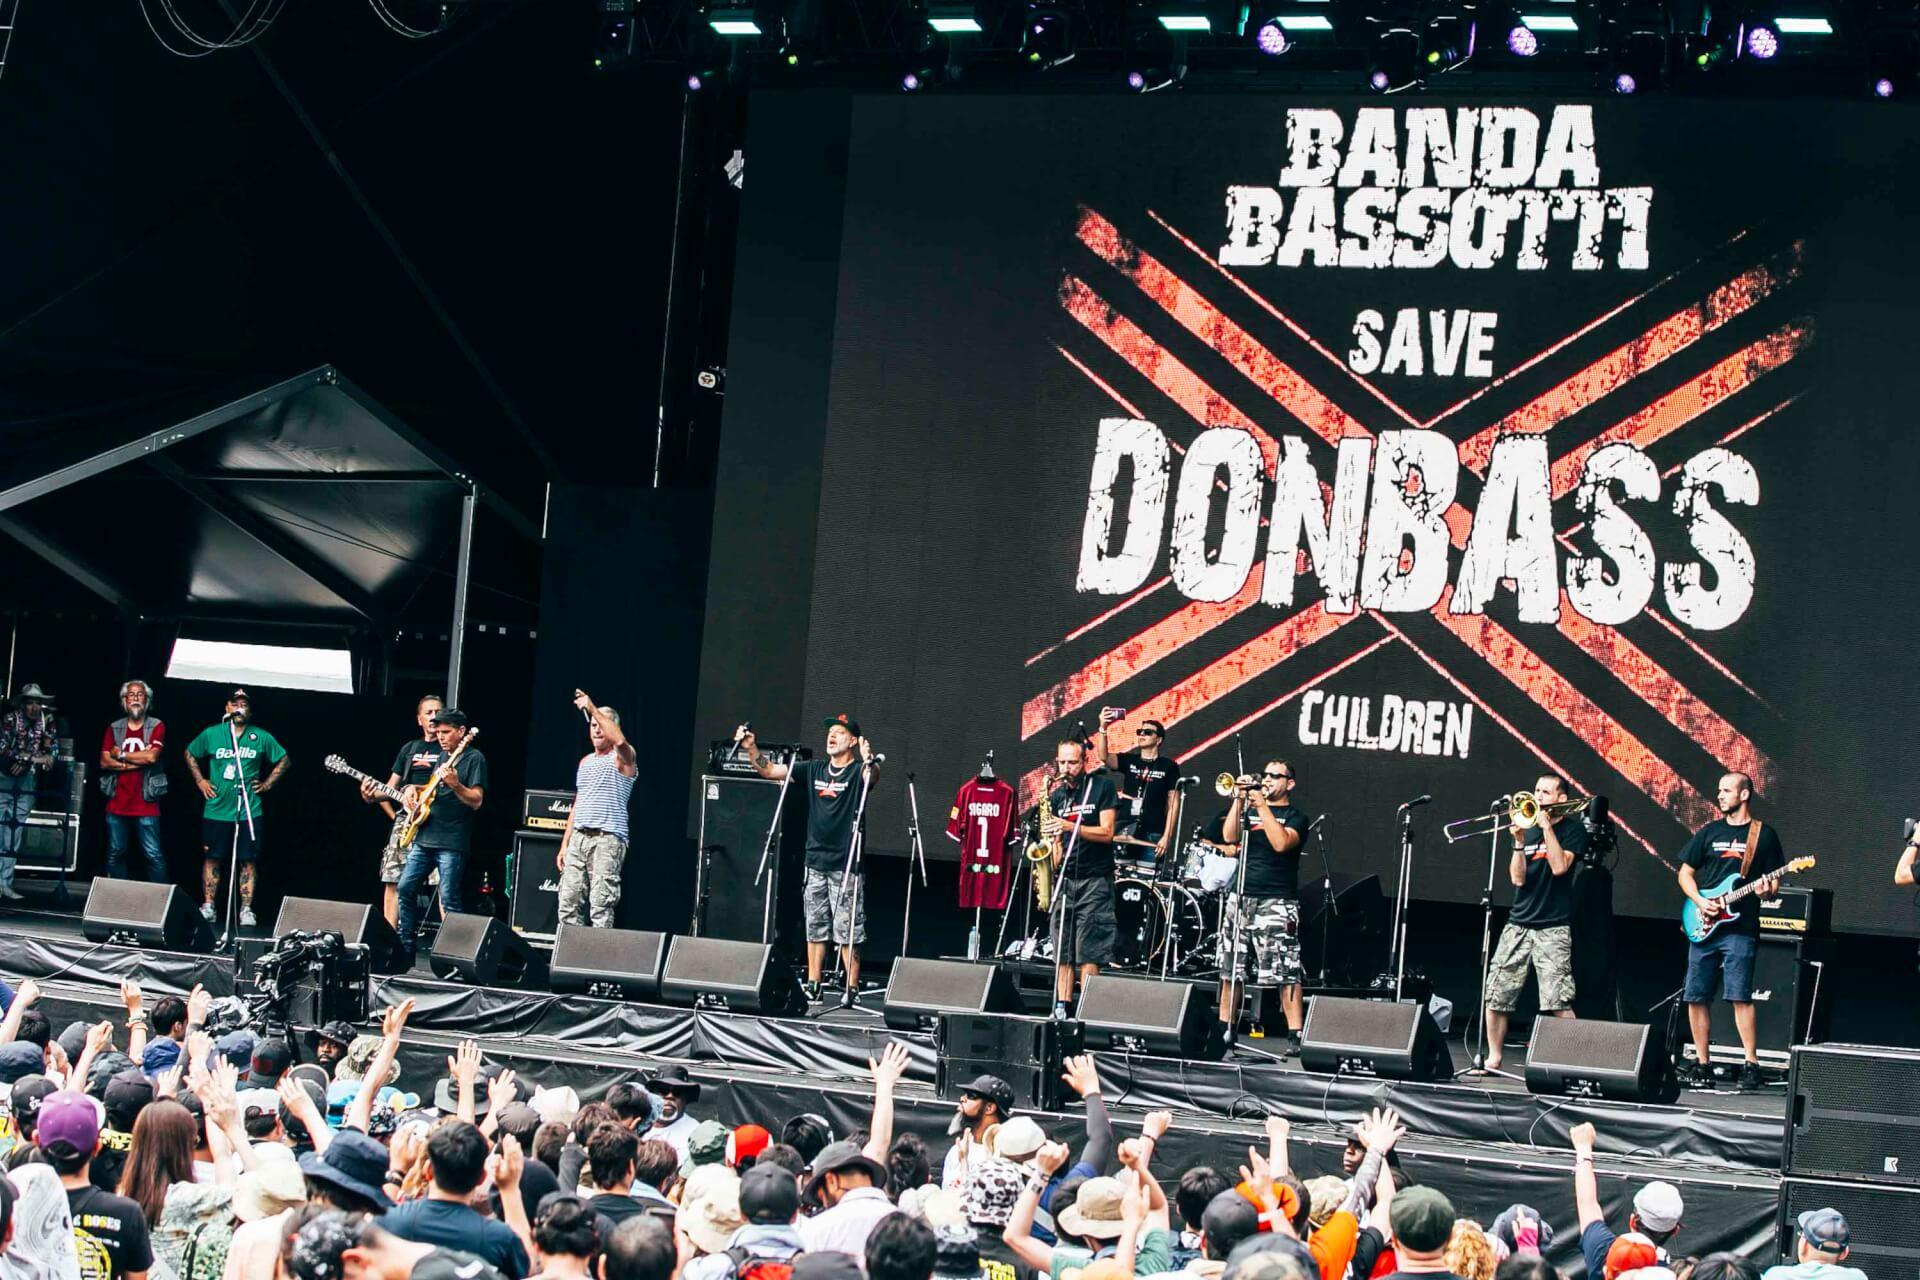 振り返るフジロック2019|BANDA BASSOTTI music190902-fujirock-report-bandabassotti-2